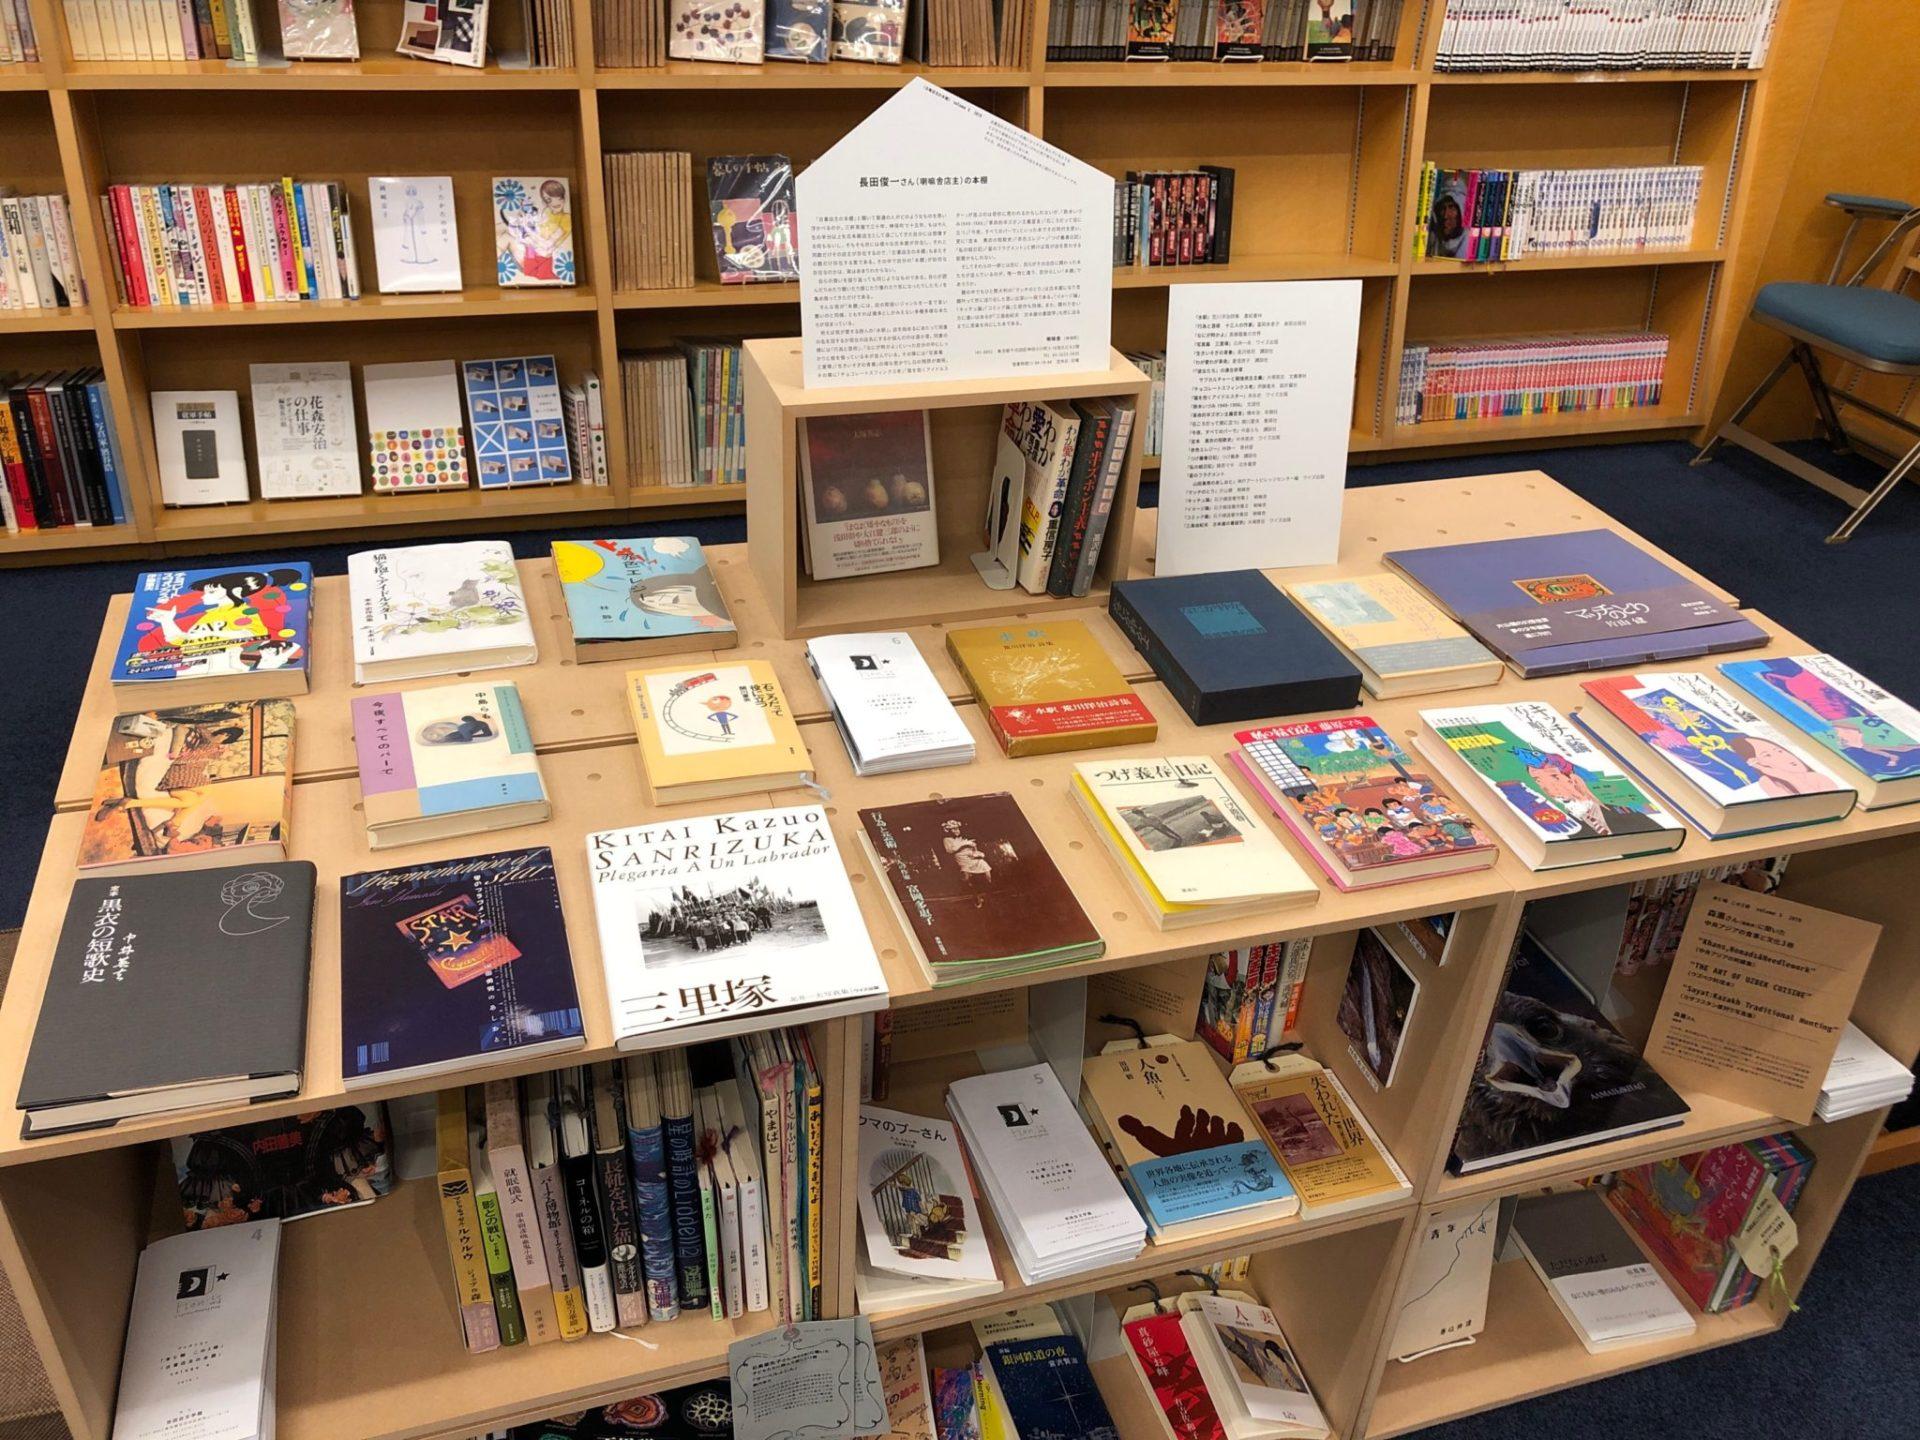 世田谷文学館 芦花公園のライブラリーで閲覧できる本